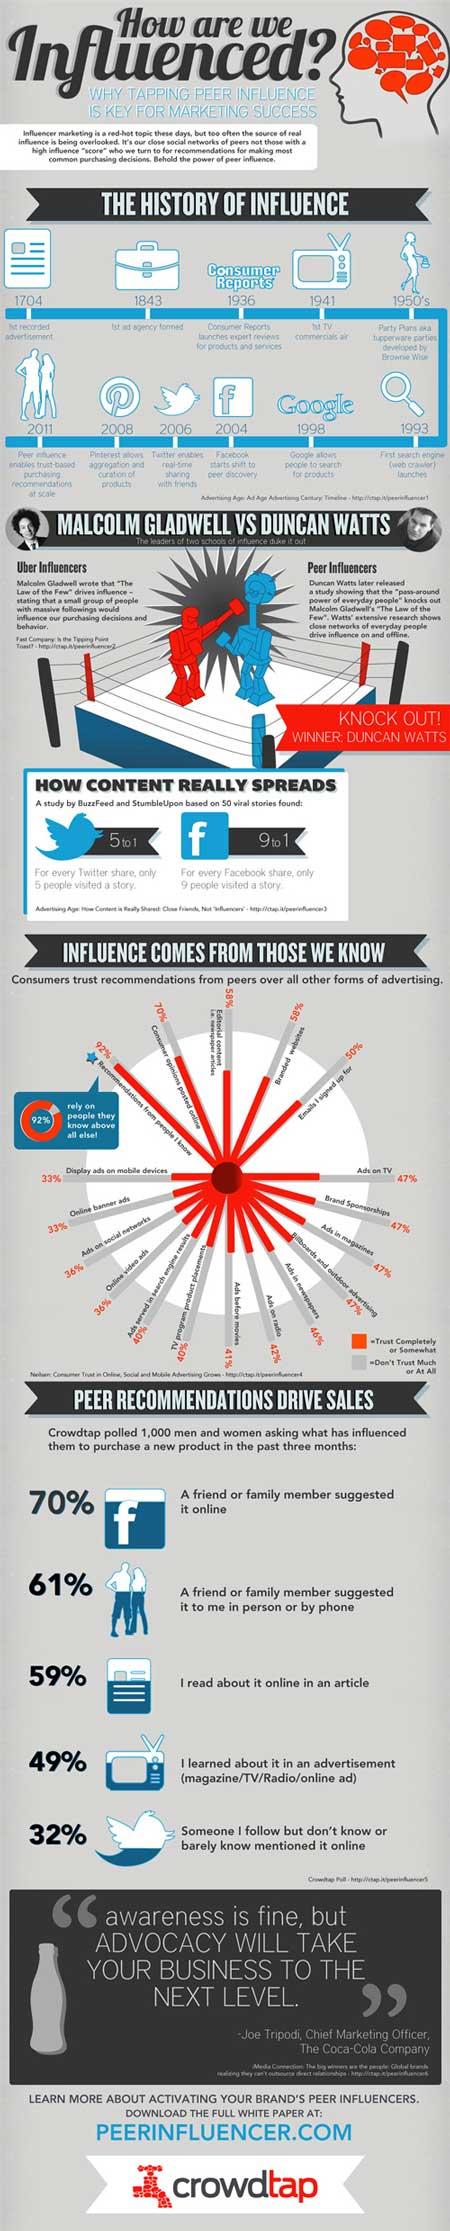 ¿Quiénes influyen realmente en los Social Media? 2